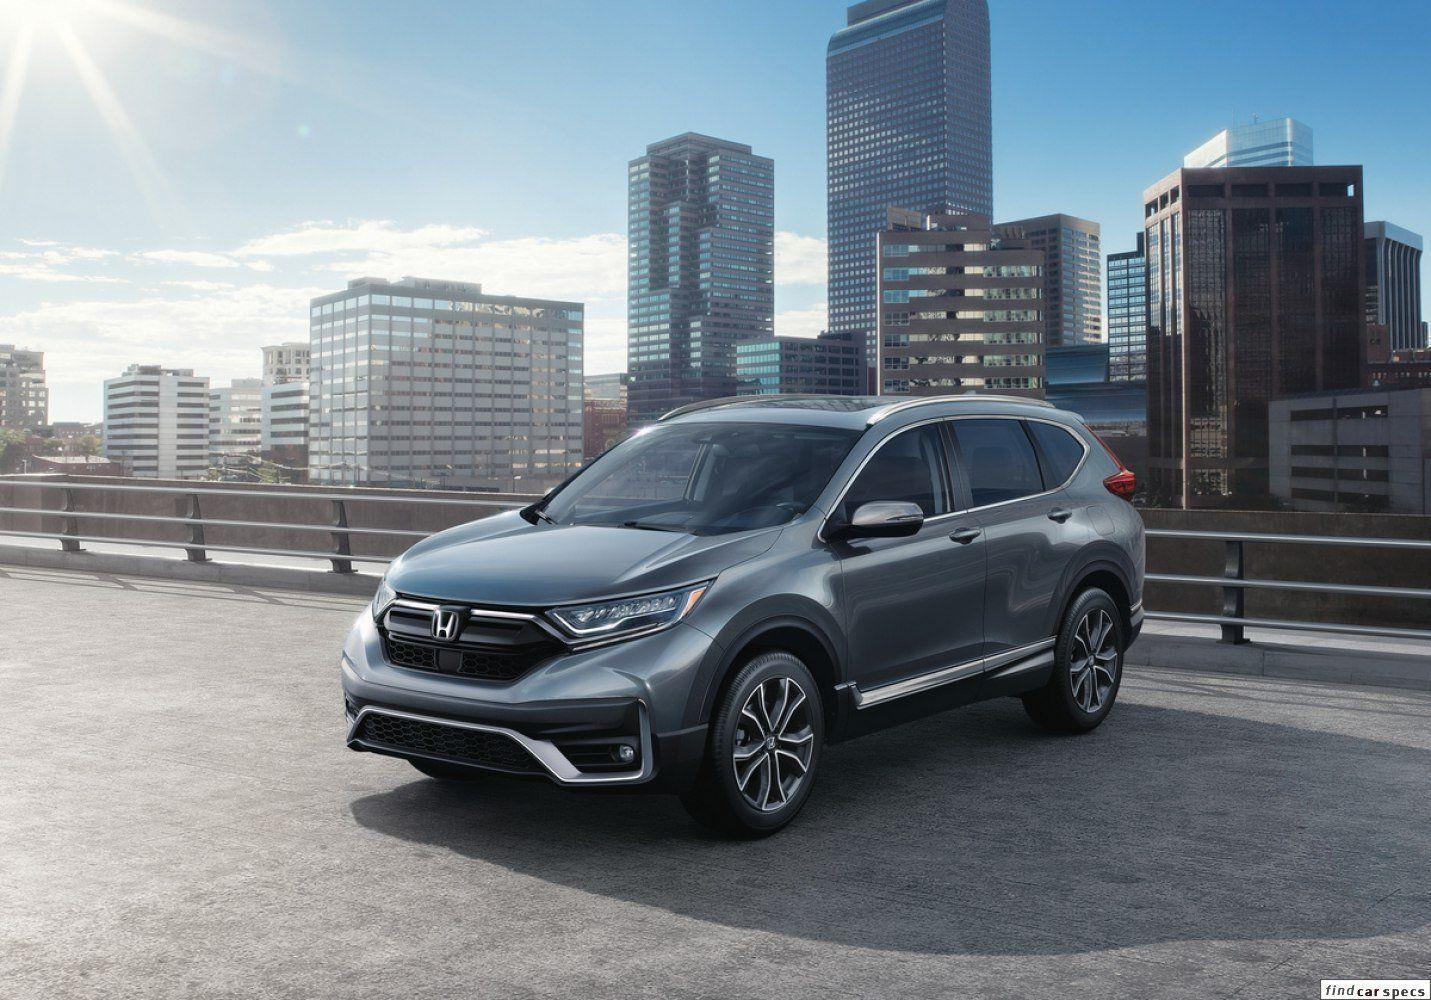 Honda CRV / CRV V (Facelift 2019) 2.0 (212 Hp